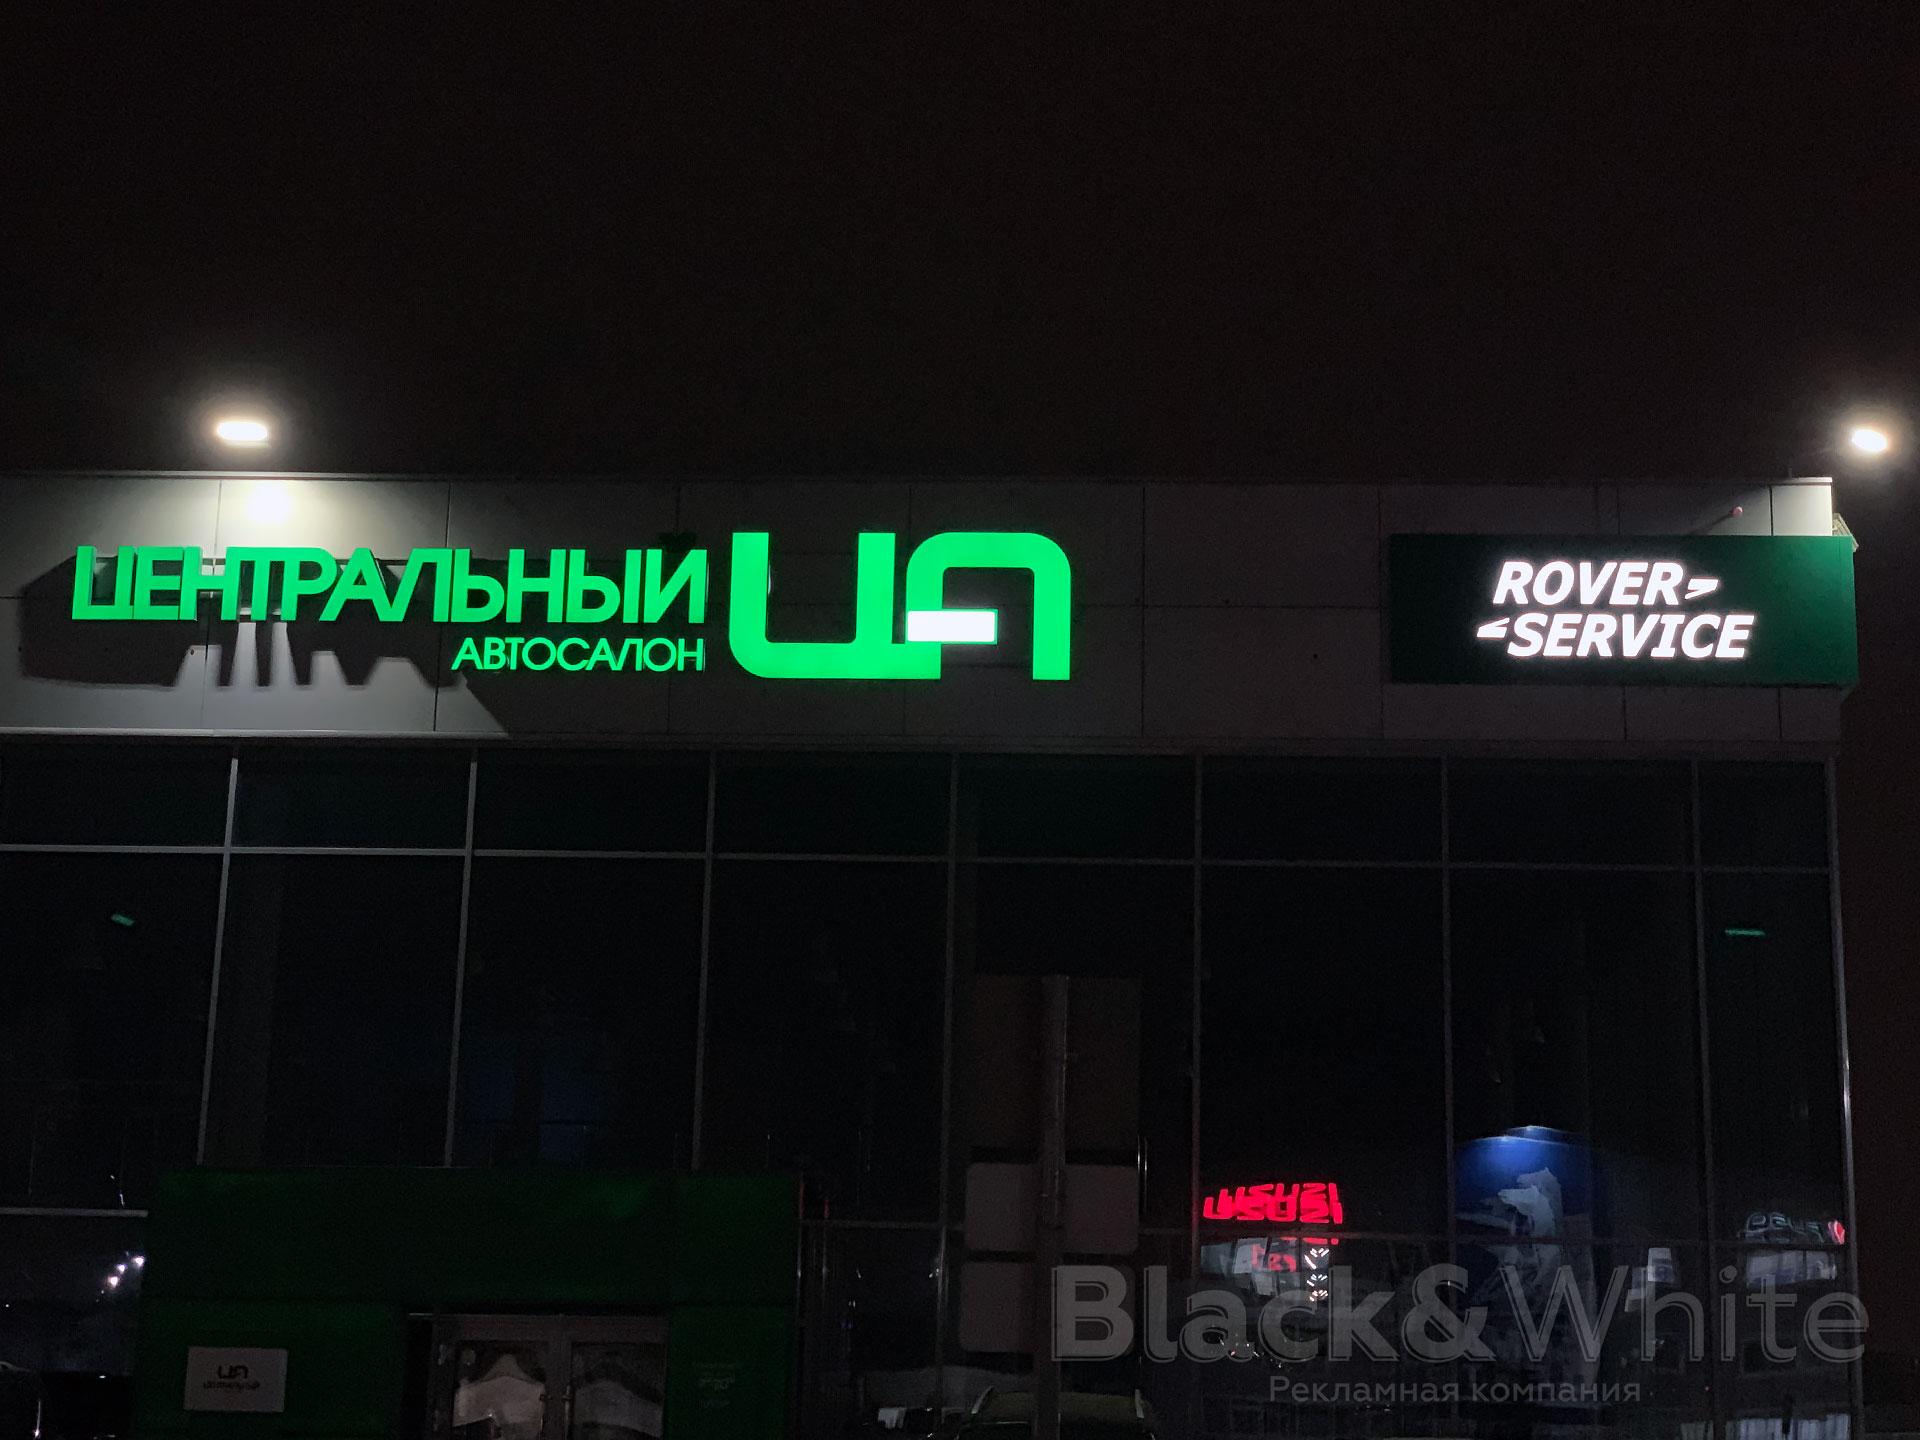 Изгототовление-световой-вывески-Красноярск.jpg